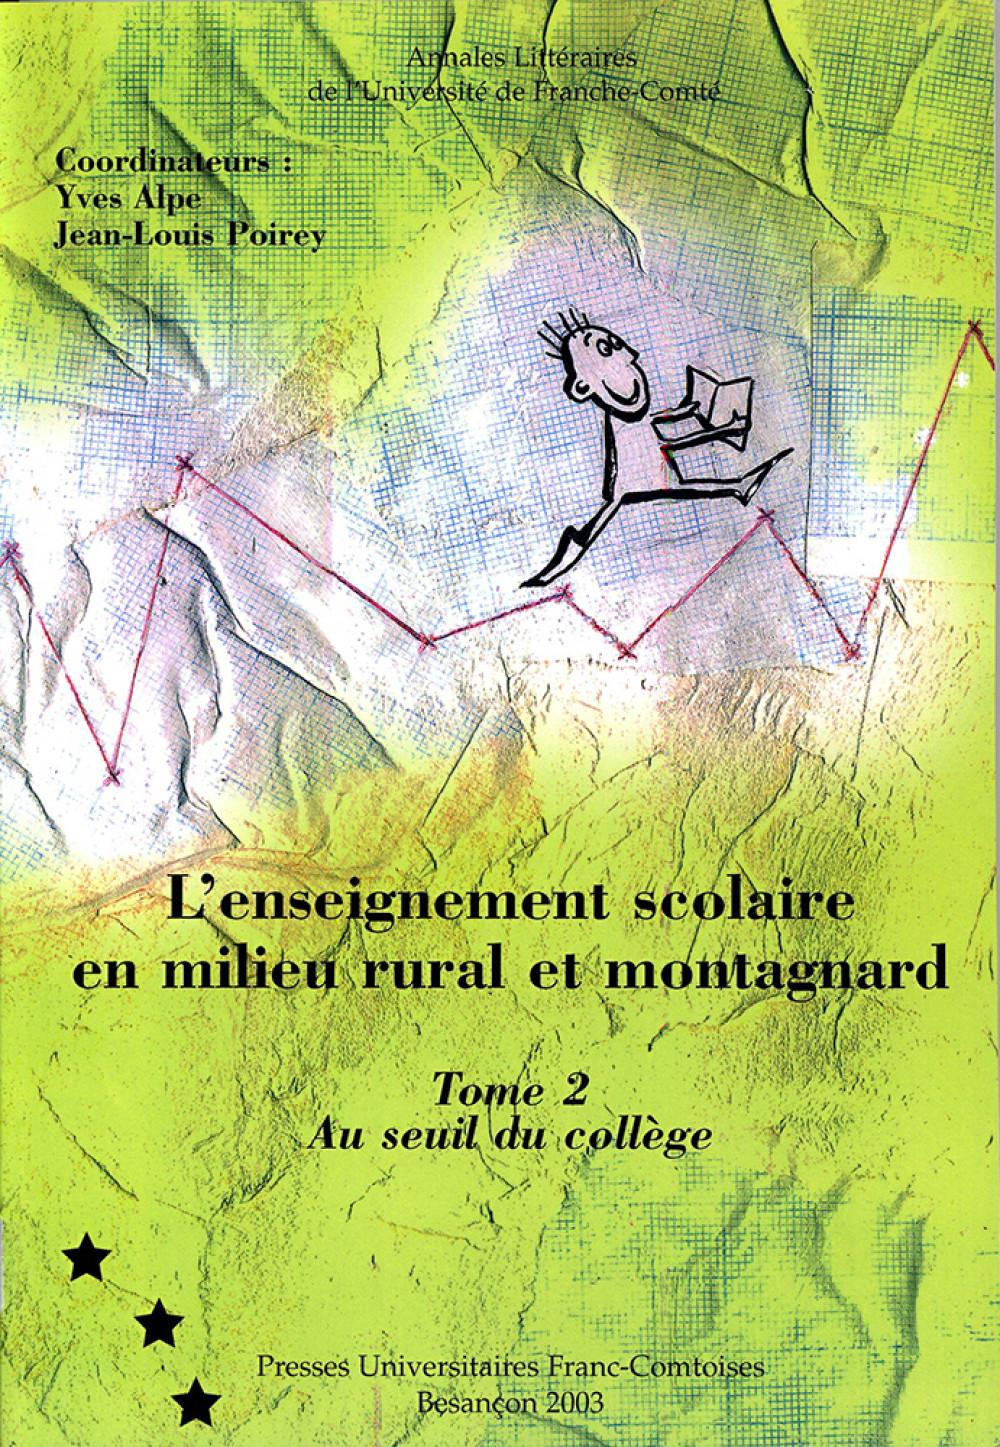 L'enseignement scolaire en milieu rural et montagnard. Tome 2